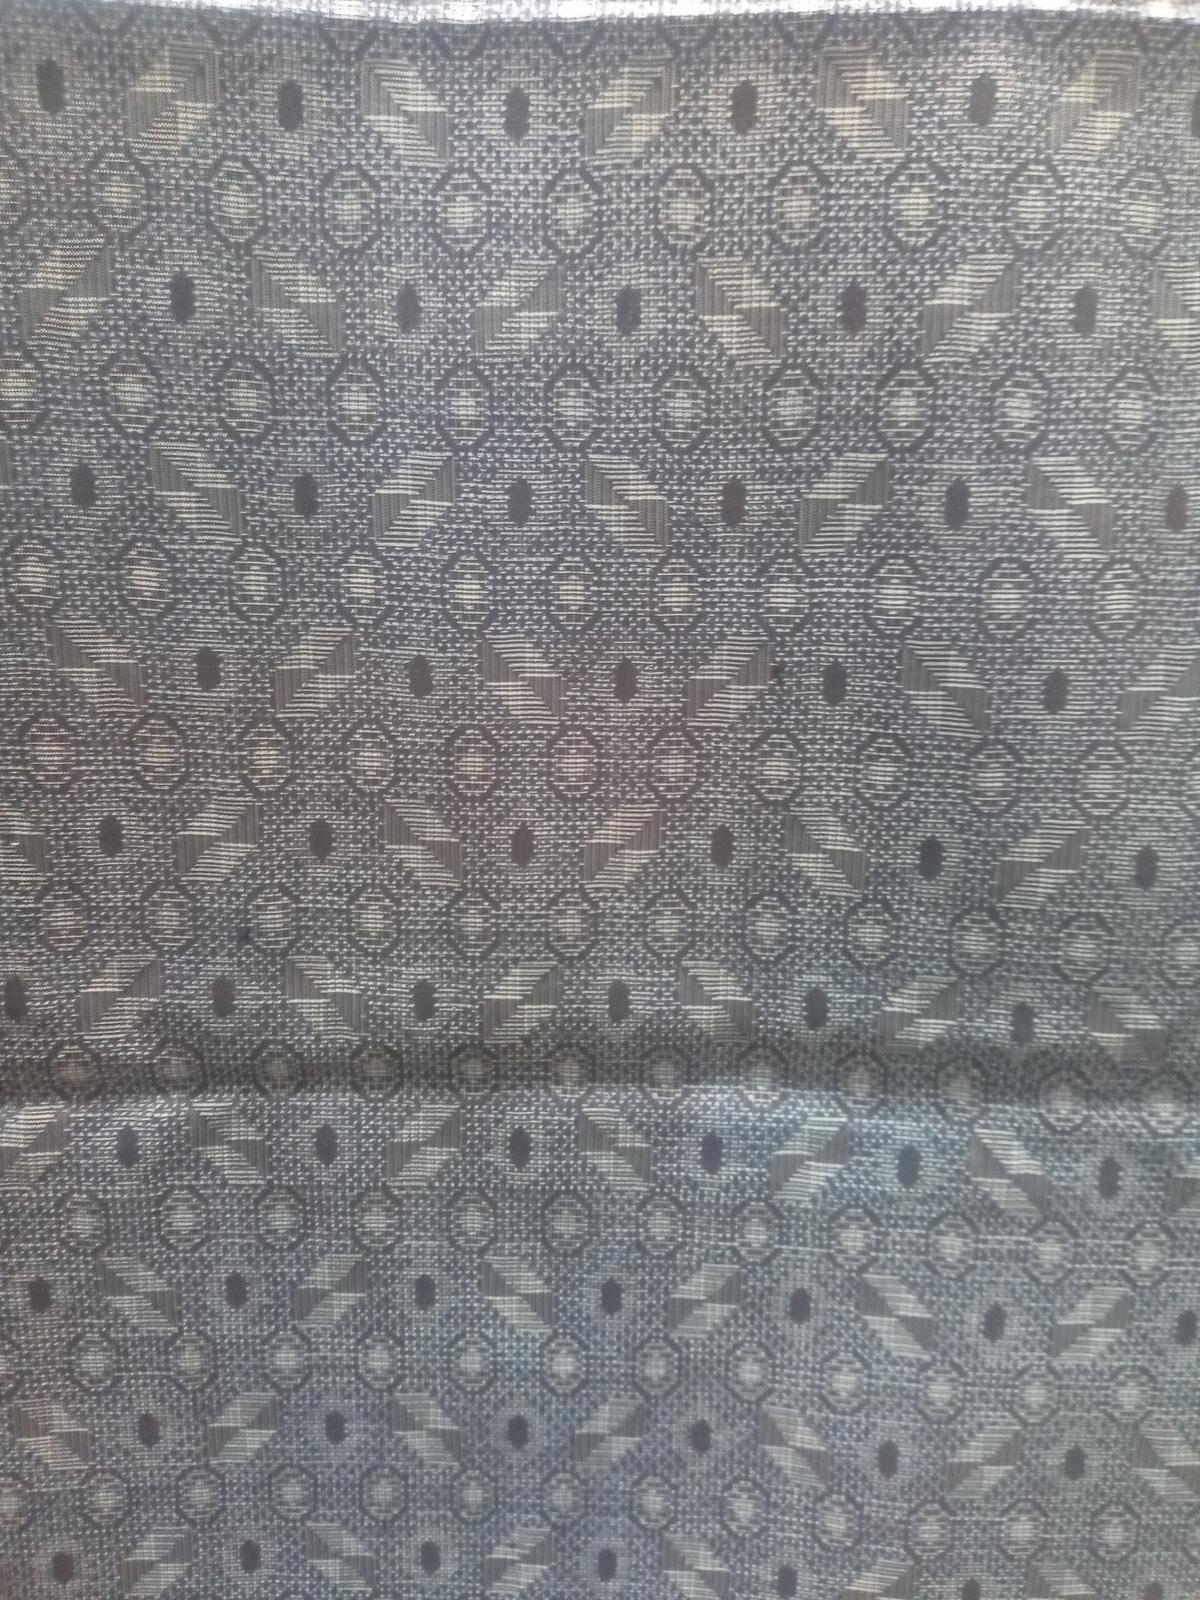 f:id:uribouwataru:20210815105839j:plain